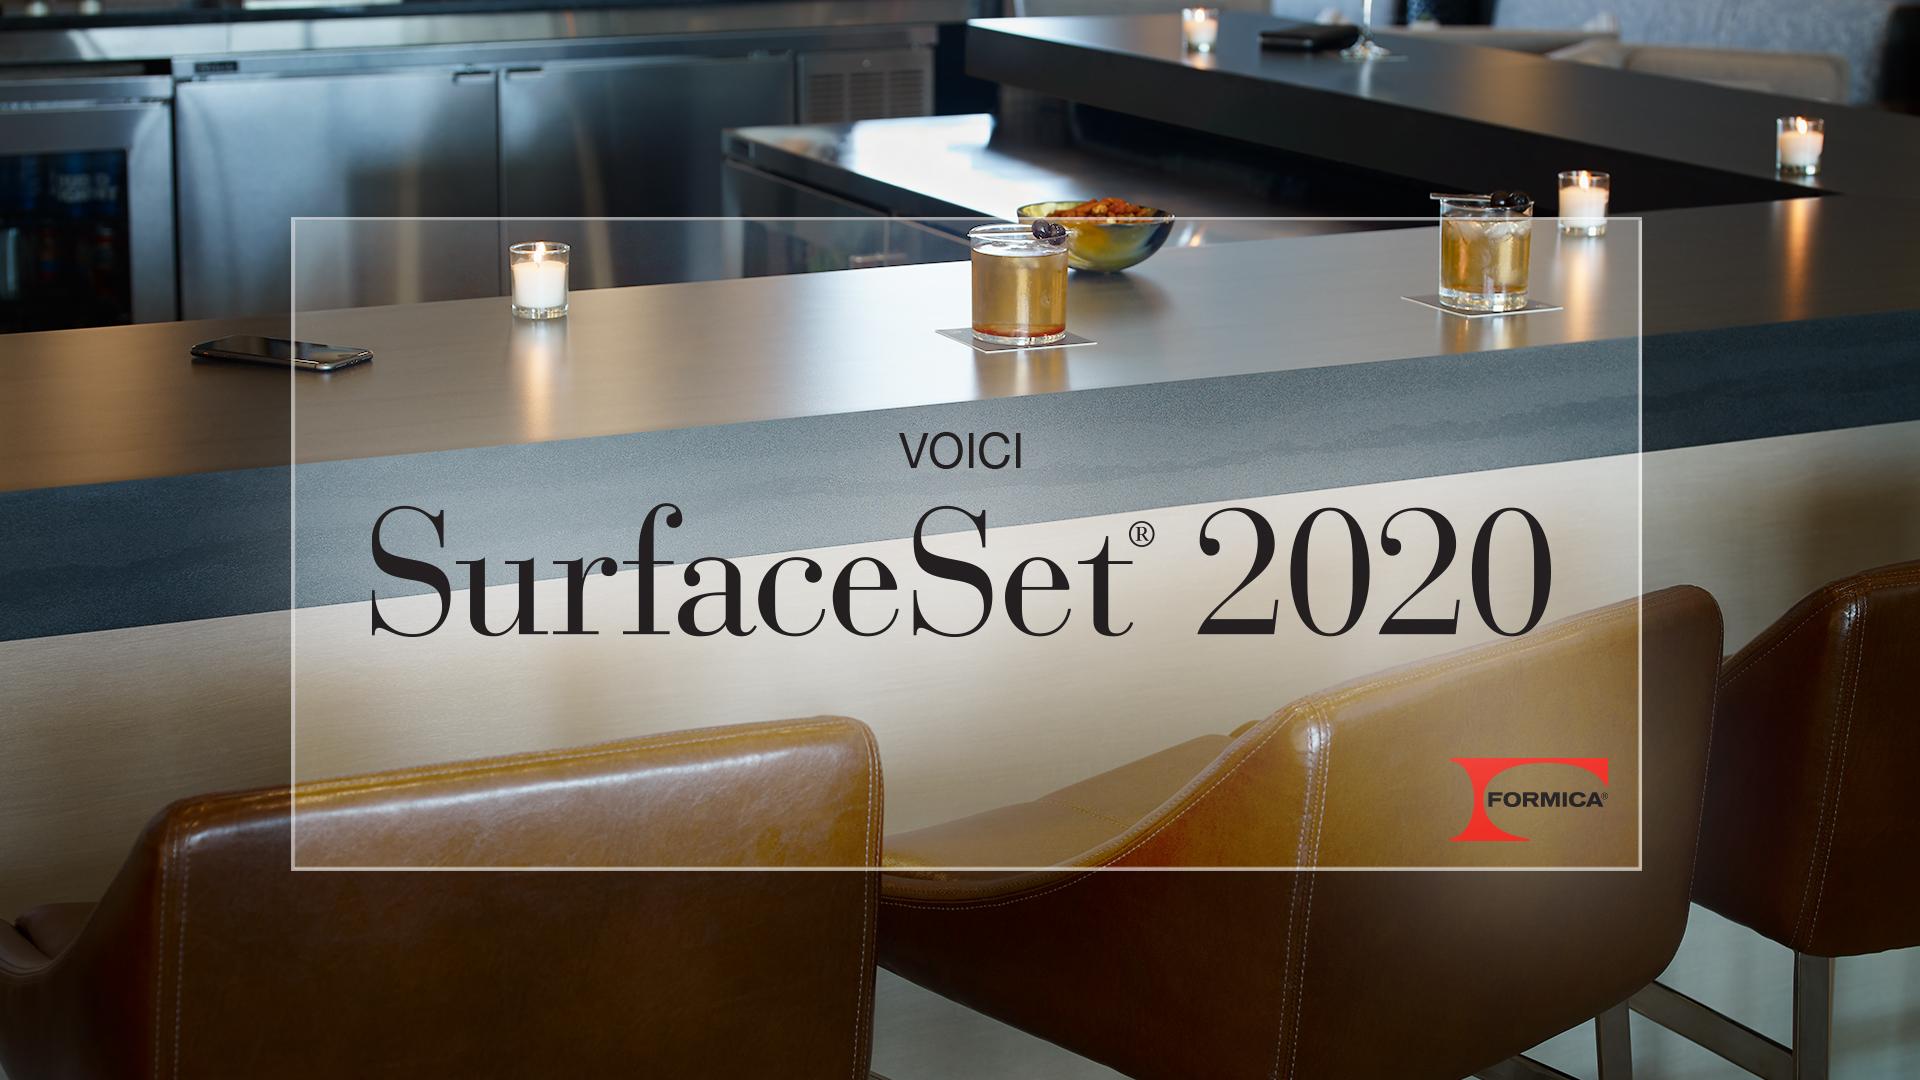 la collection SurfaceSet® 2020 comprend 30 designs de couleurs, de motifs et de grains de bois dans la catégorie des Stratifiés de marque Formica® ainsi que deux nouvelles textures.